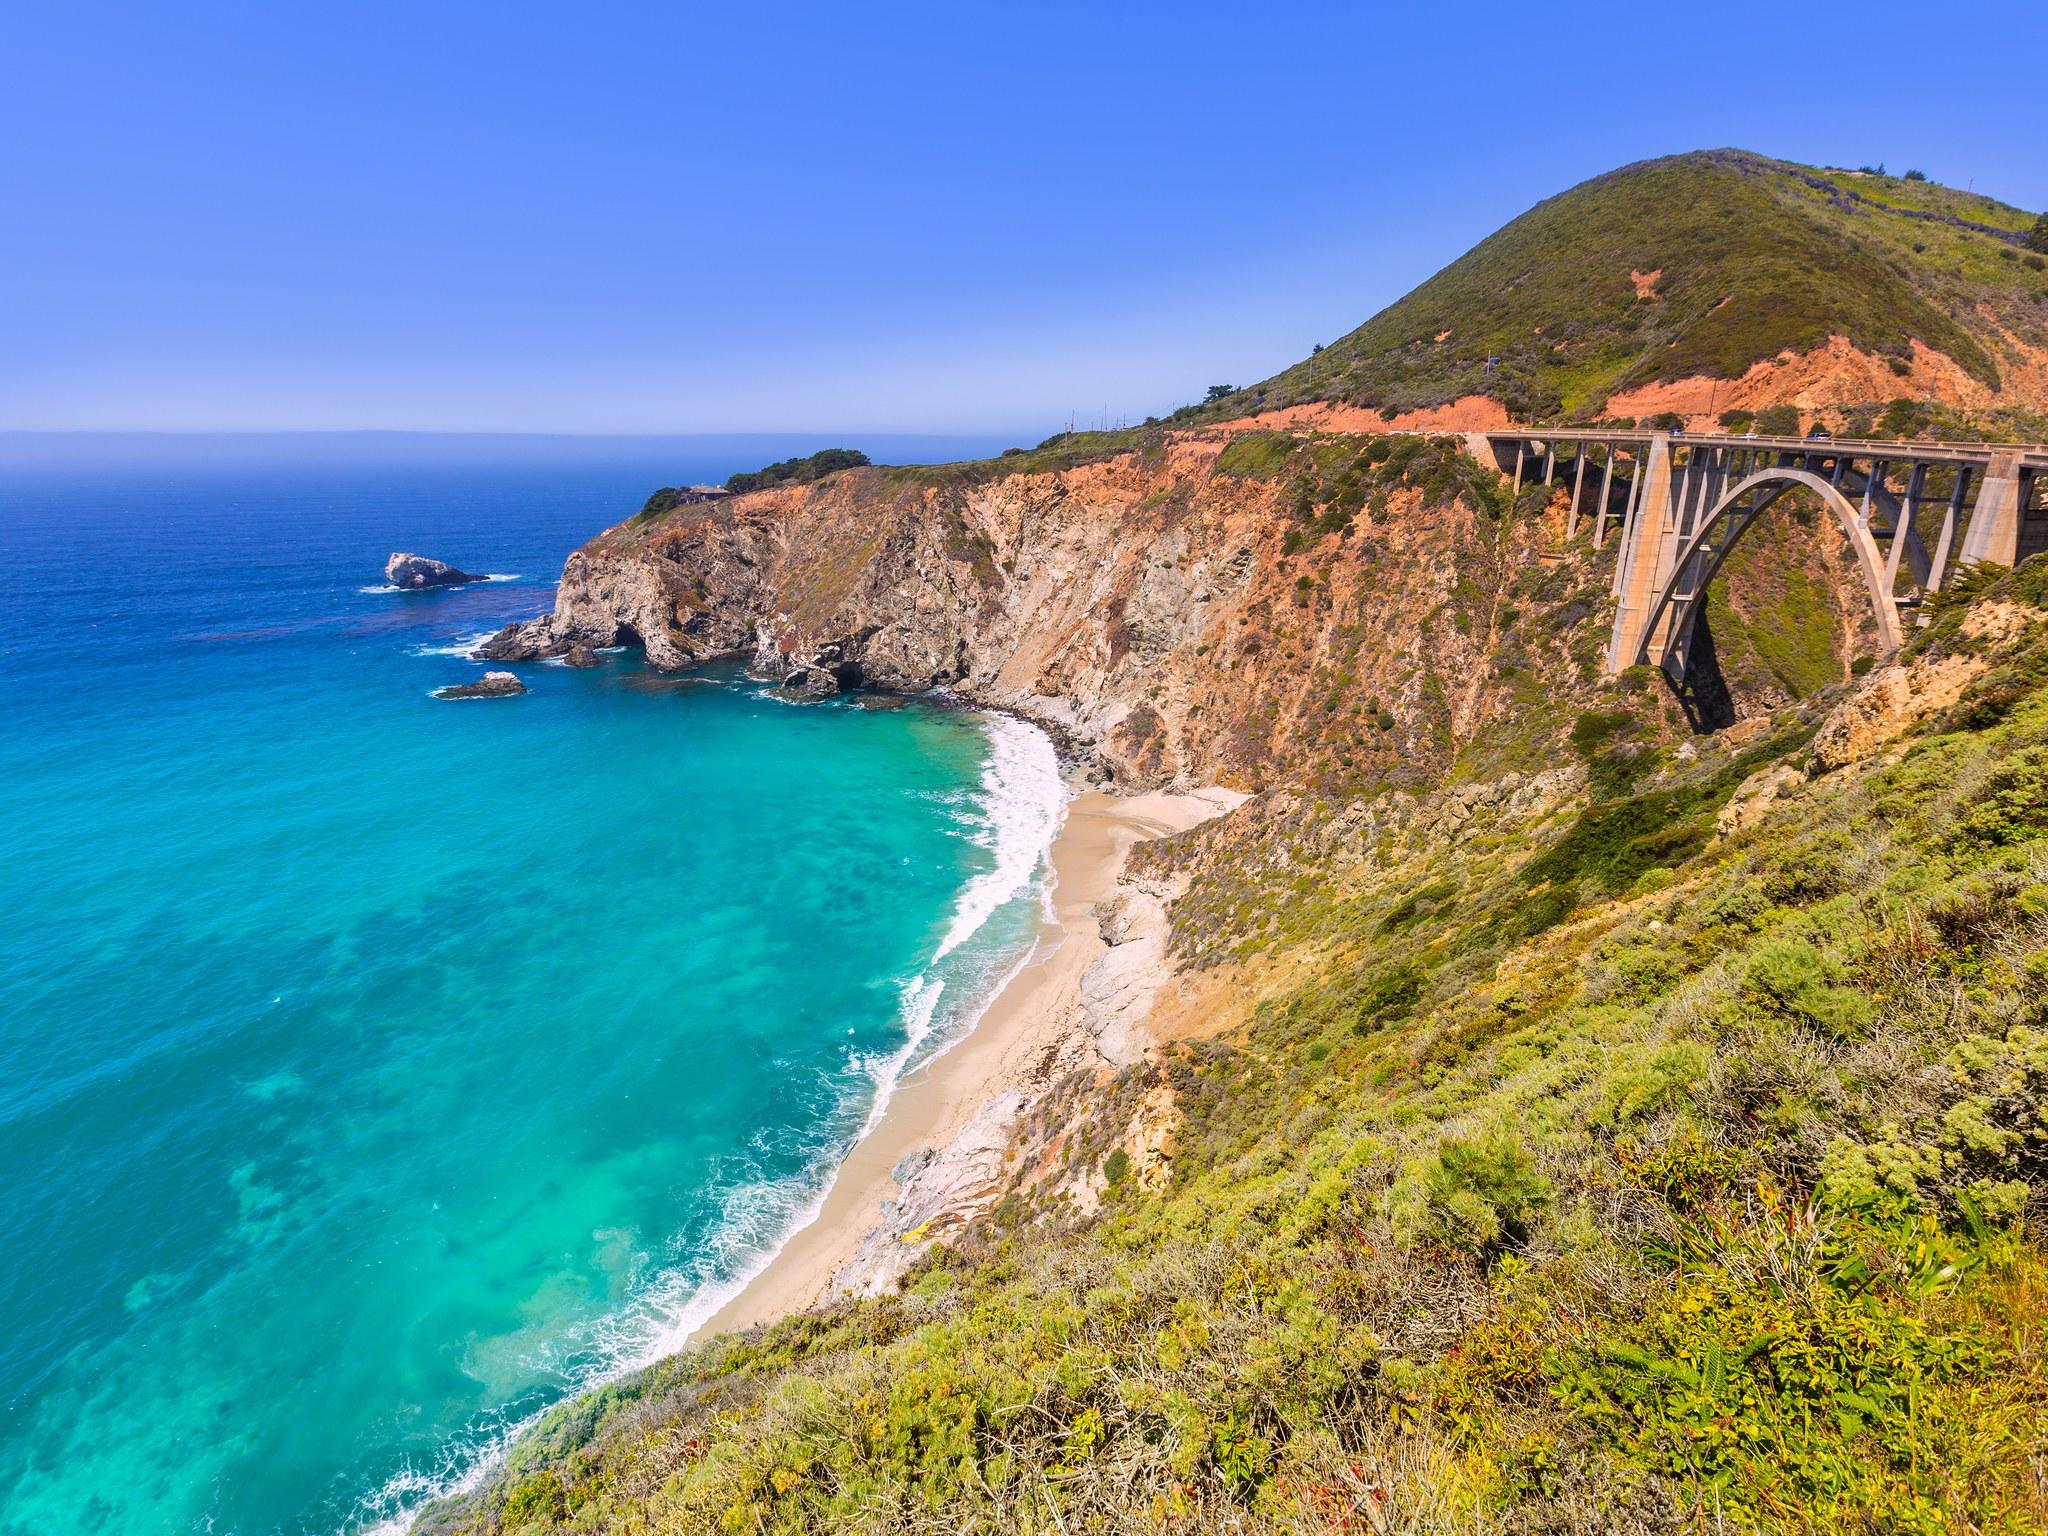 8 Epic California Road Trip Stops